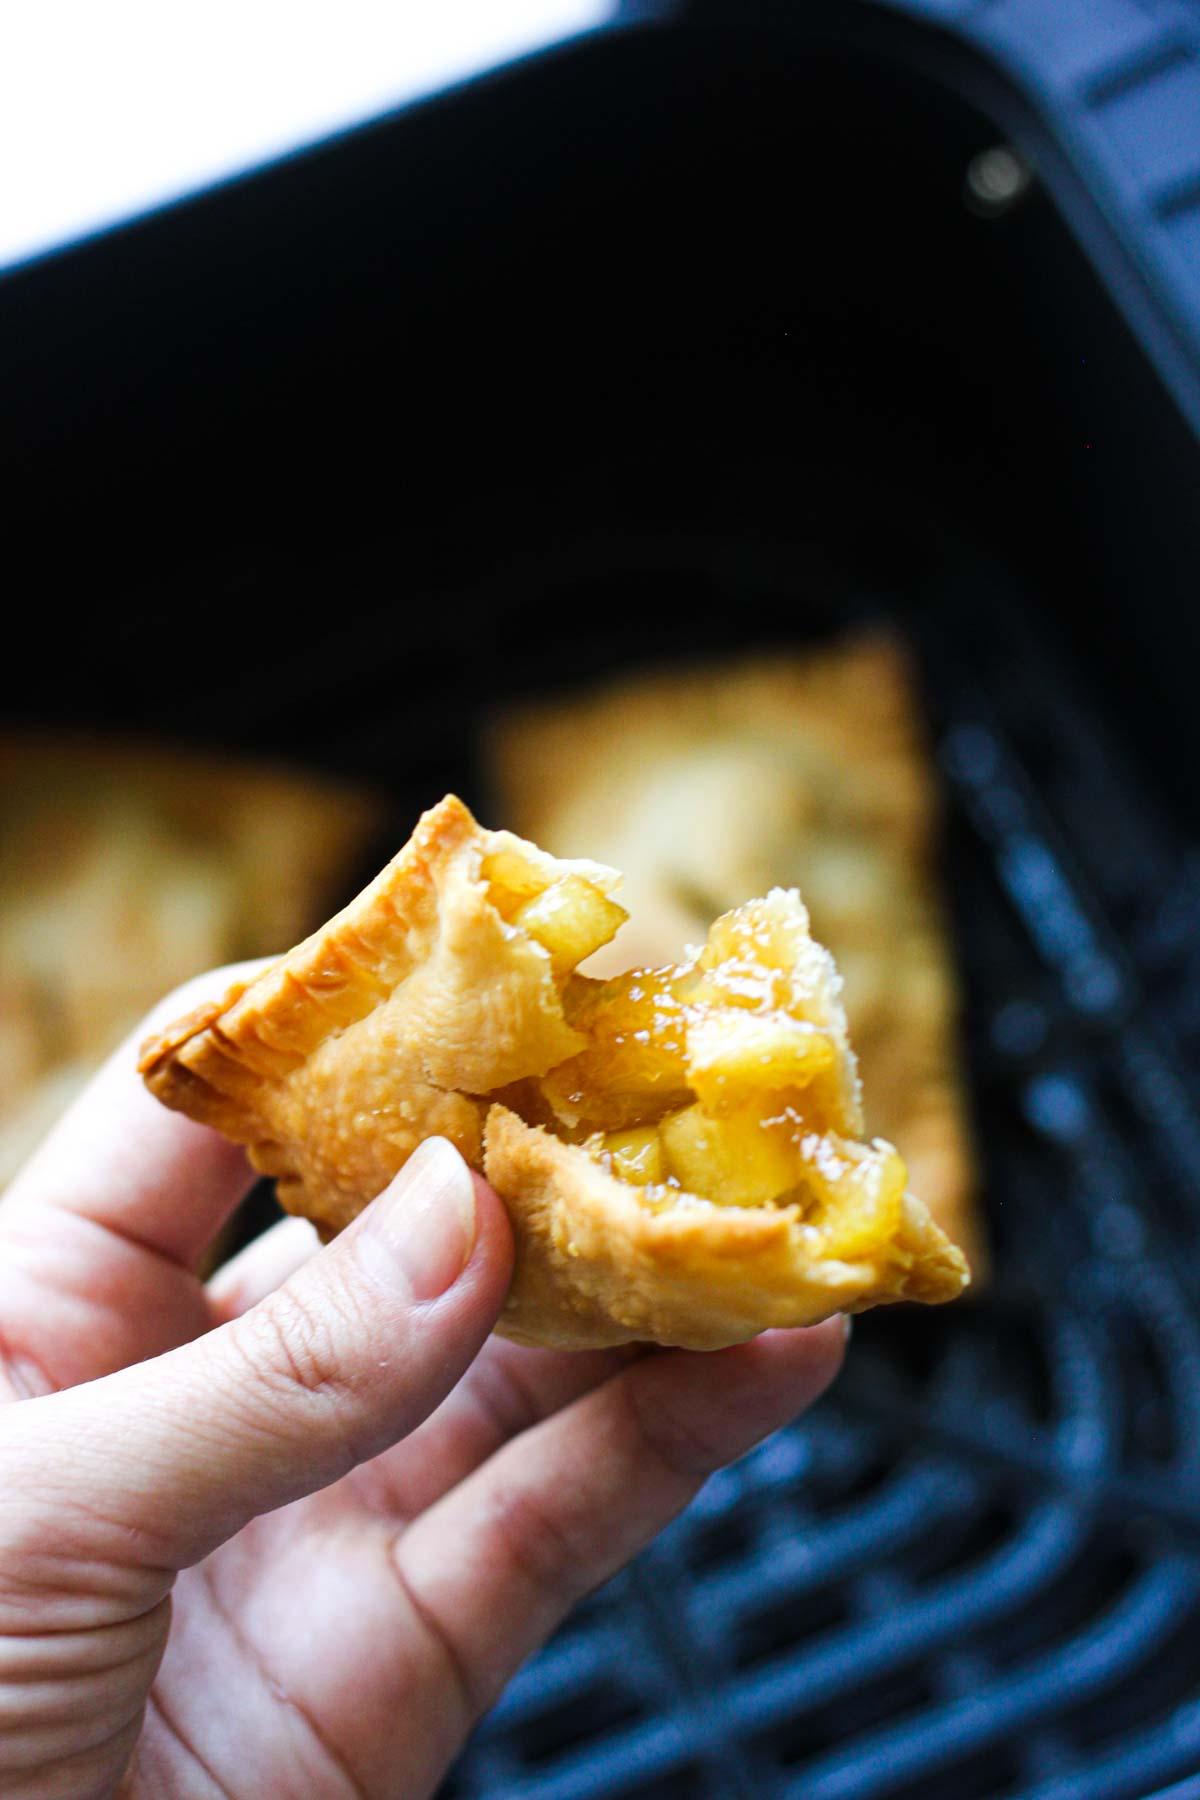 fried mini apple pie in hand